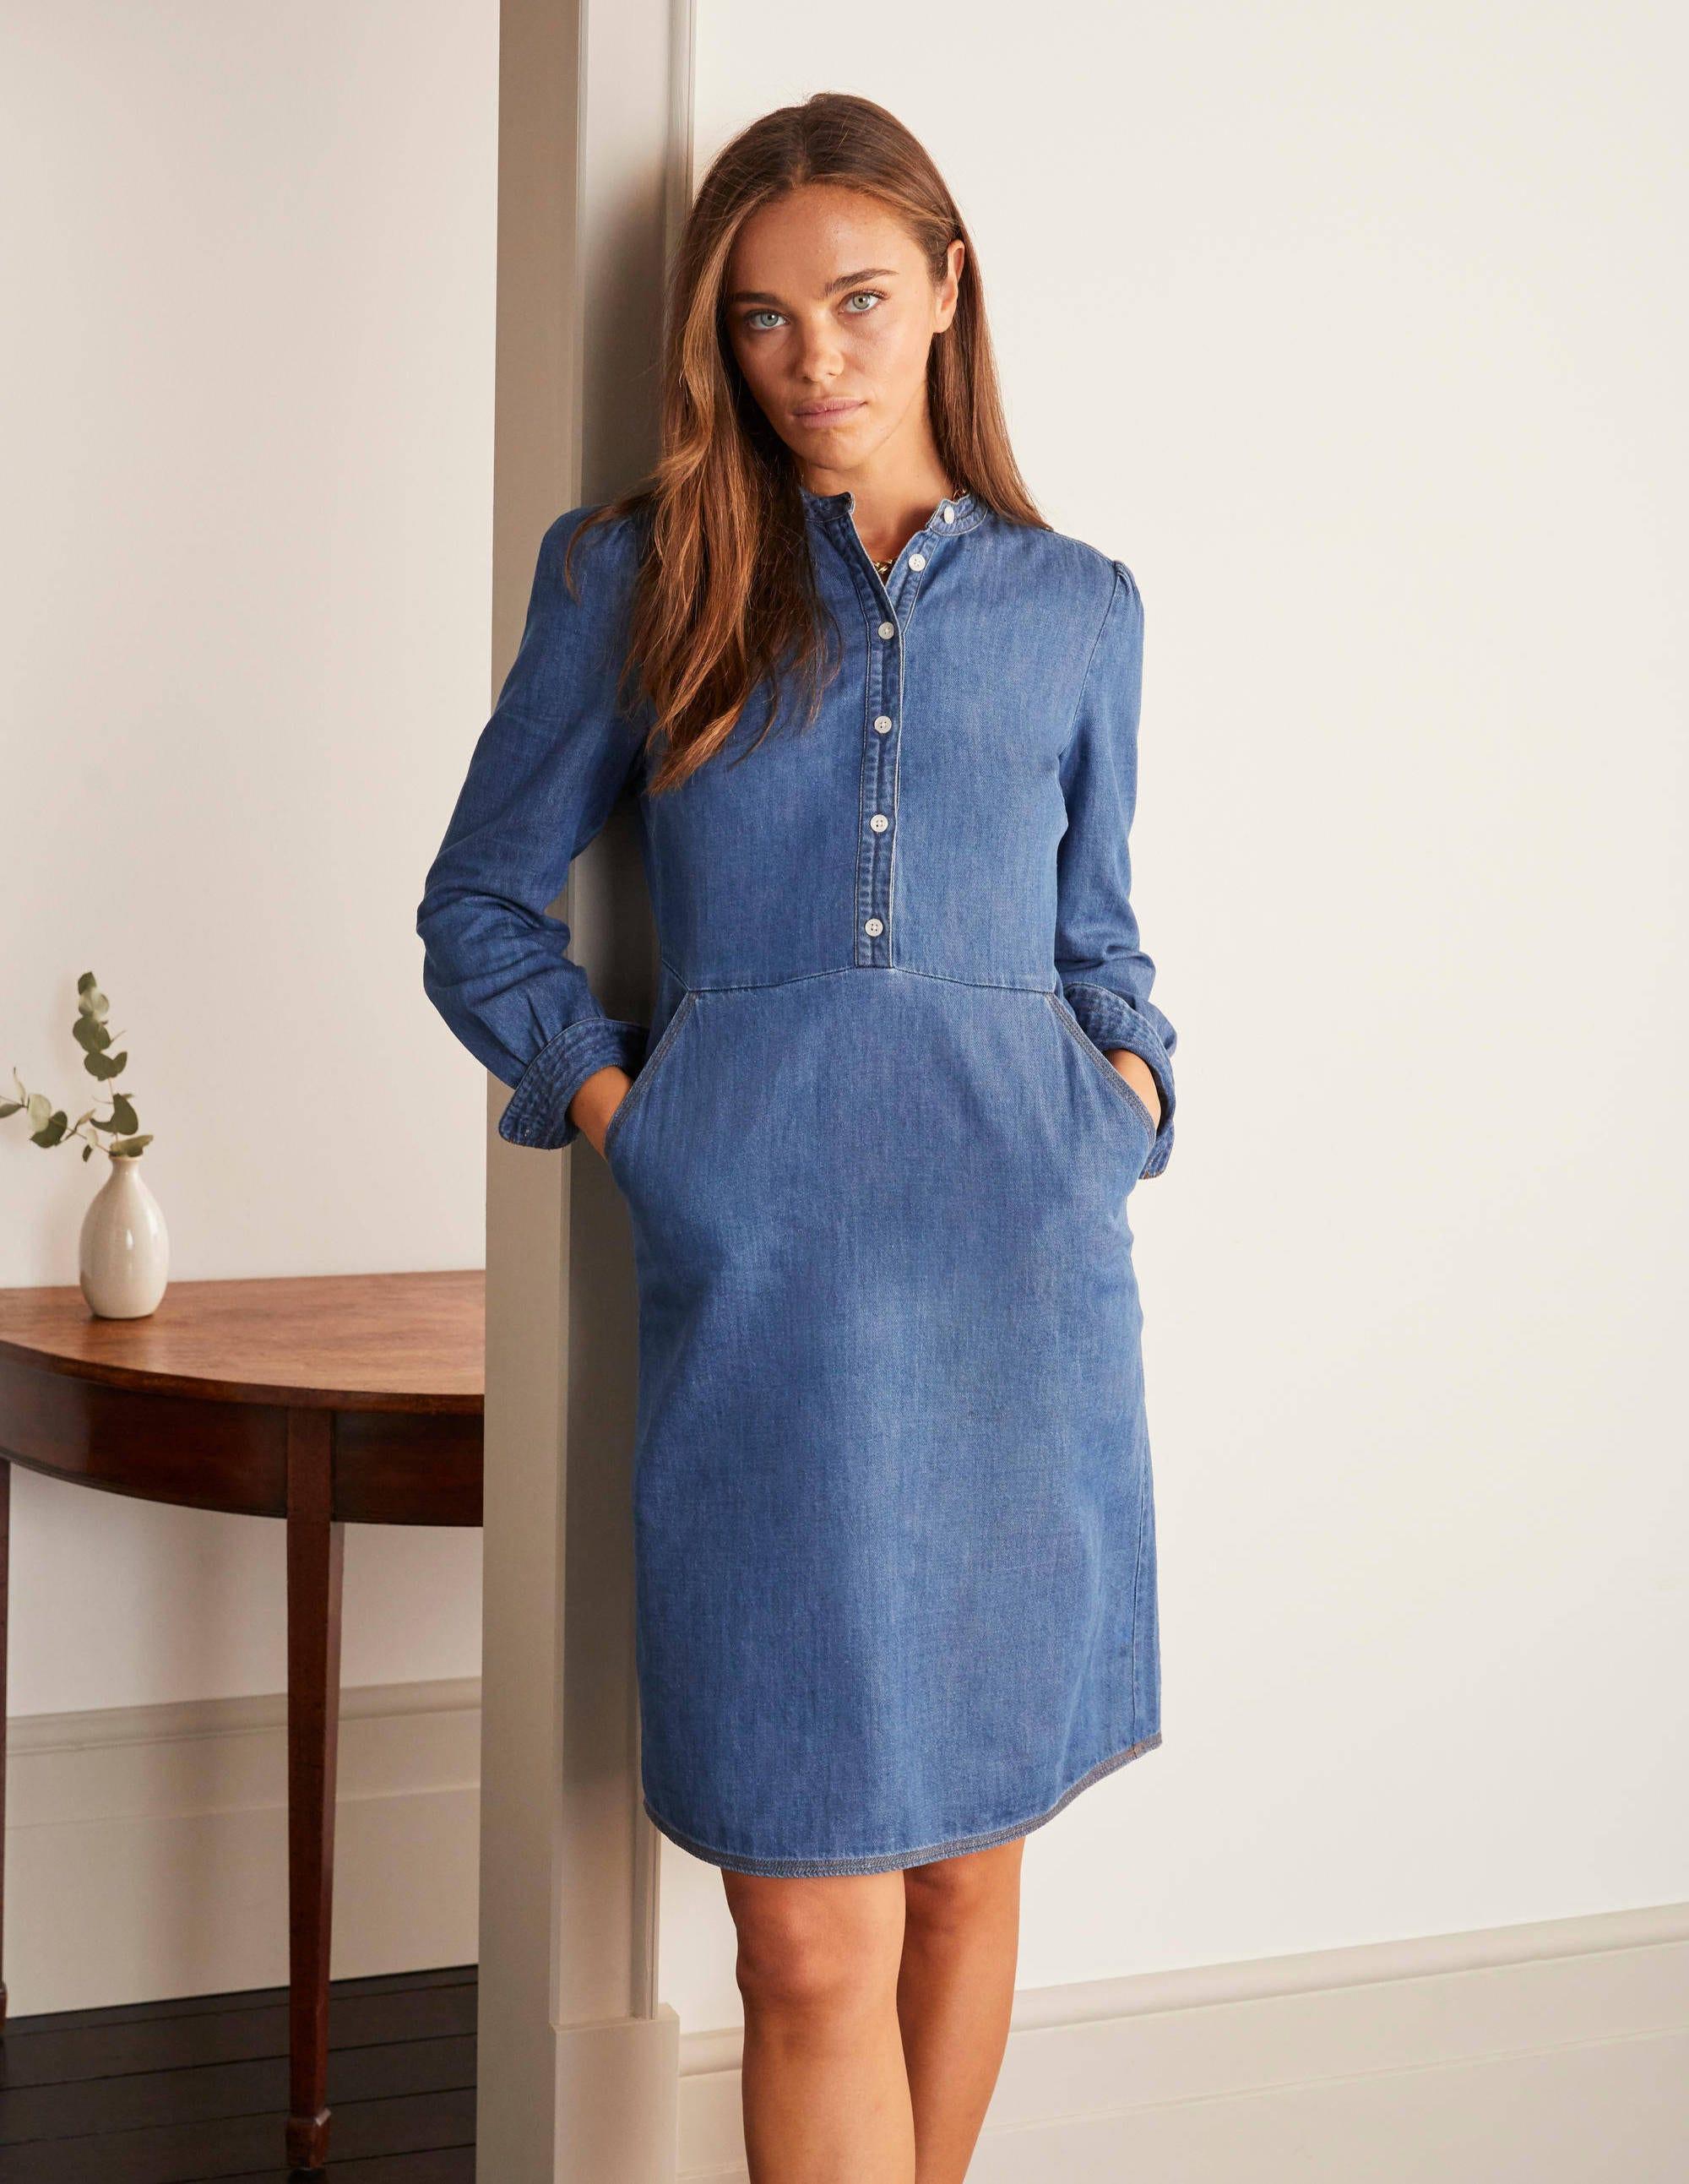 Boden Elise Vestido 18R Azul Y Rojo Floral W0102